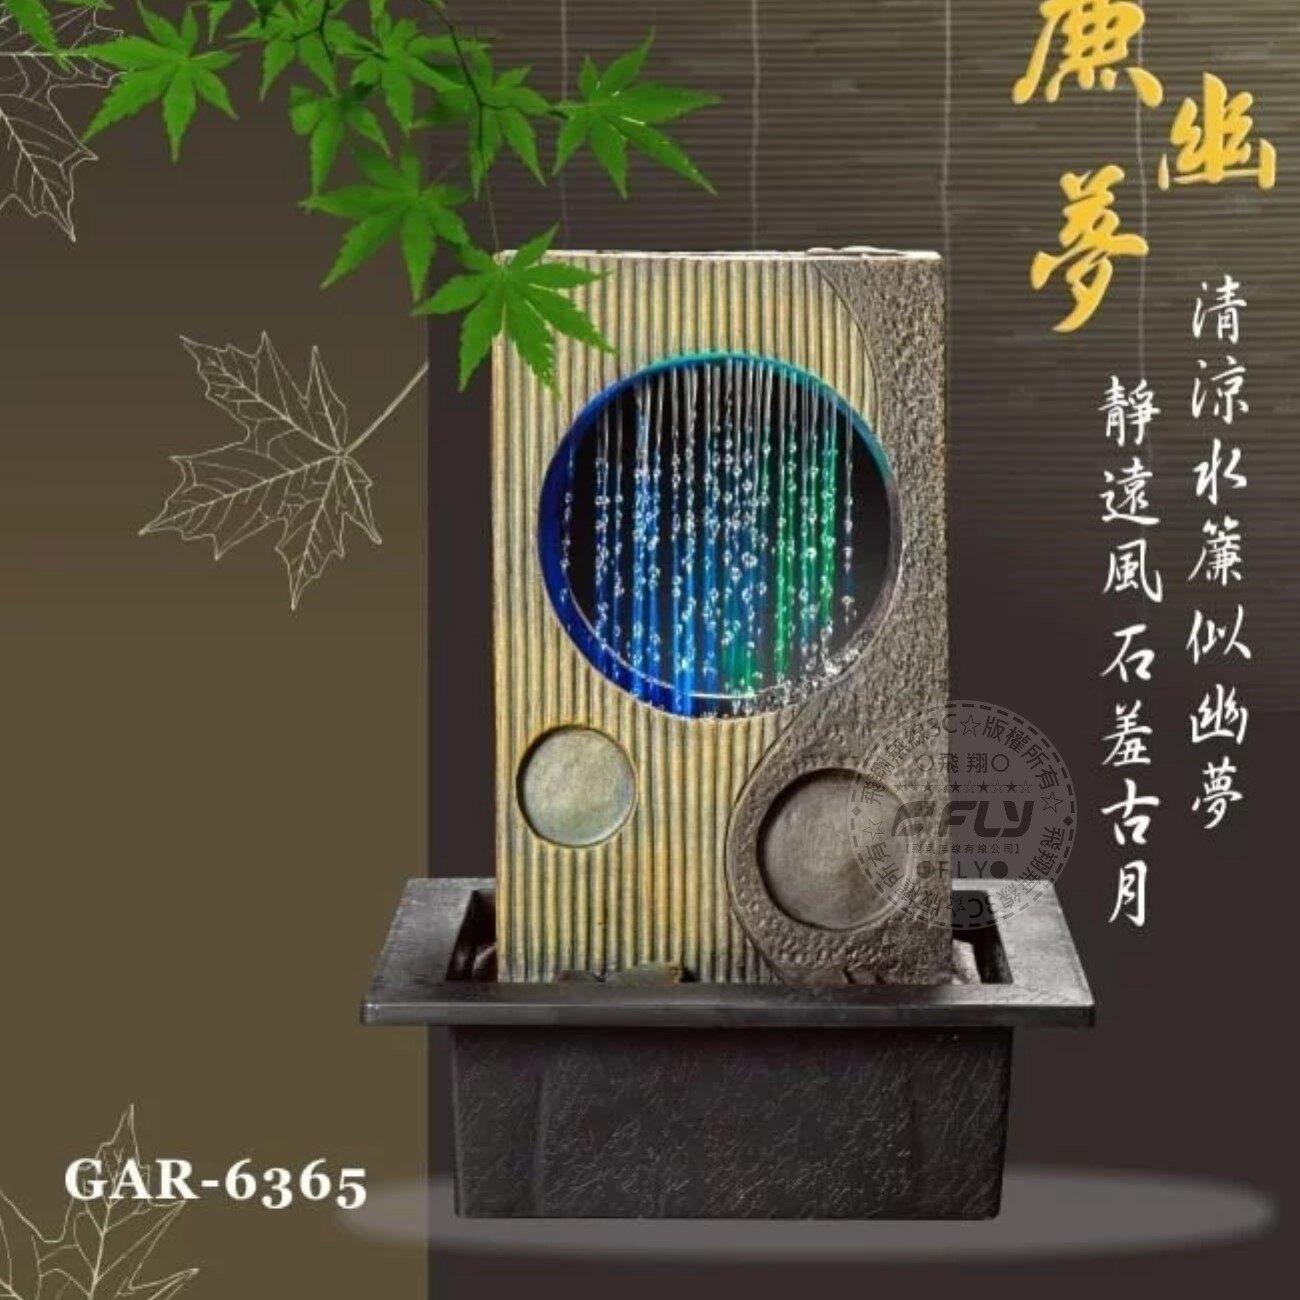 《飛翔無線3C》KINYO 耐嘉 GAR-6365 流水飾品 一簾幽夢◉公司貨◉風水擺飾◉園藝造景◉居家招財